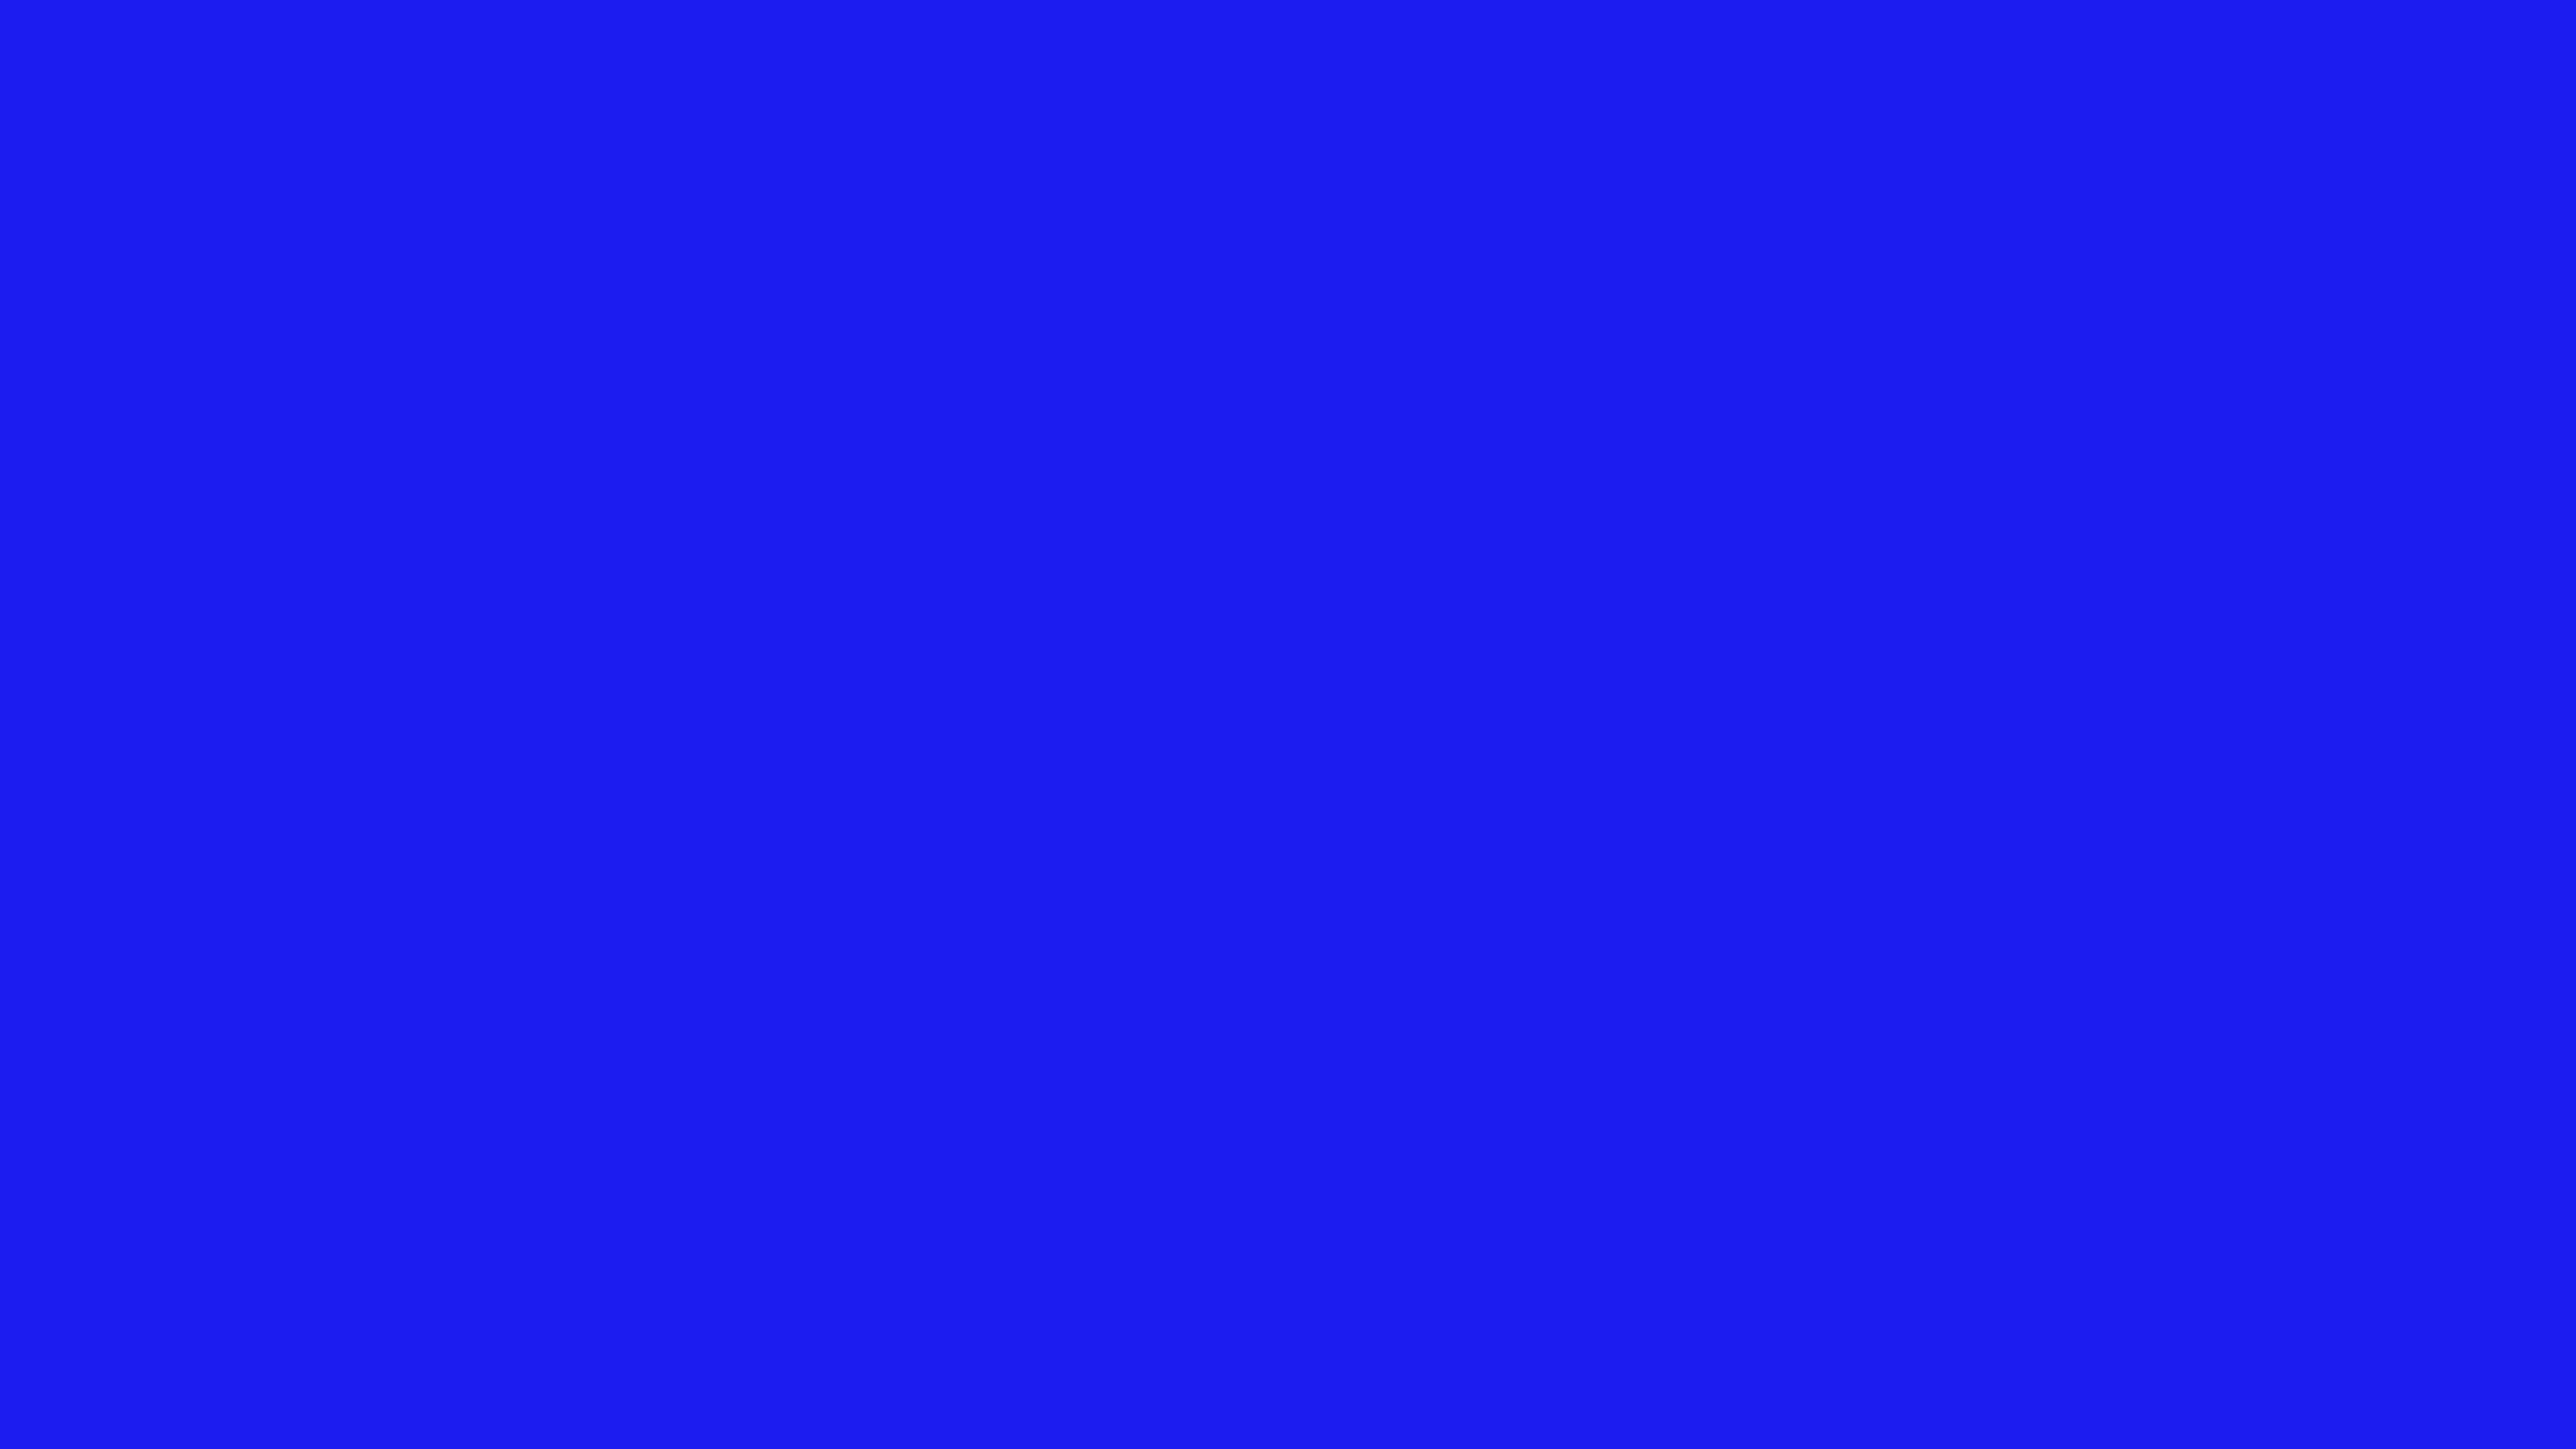 7680x4320 Bluebonnet Solid Color Background